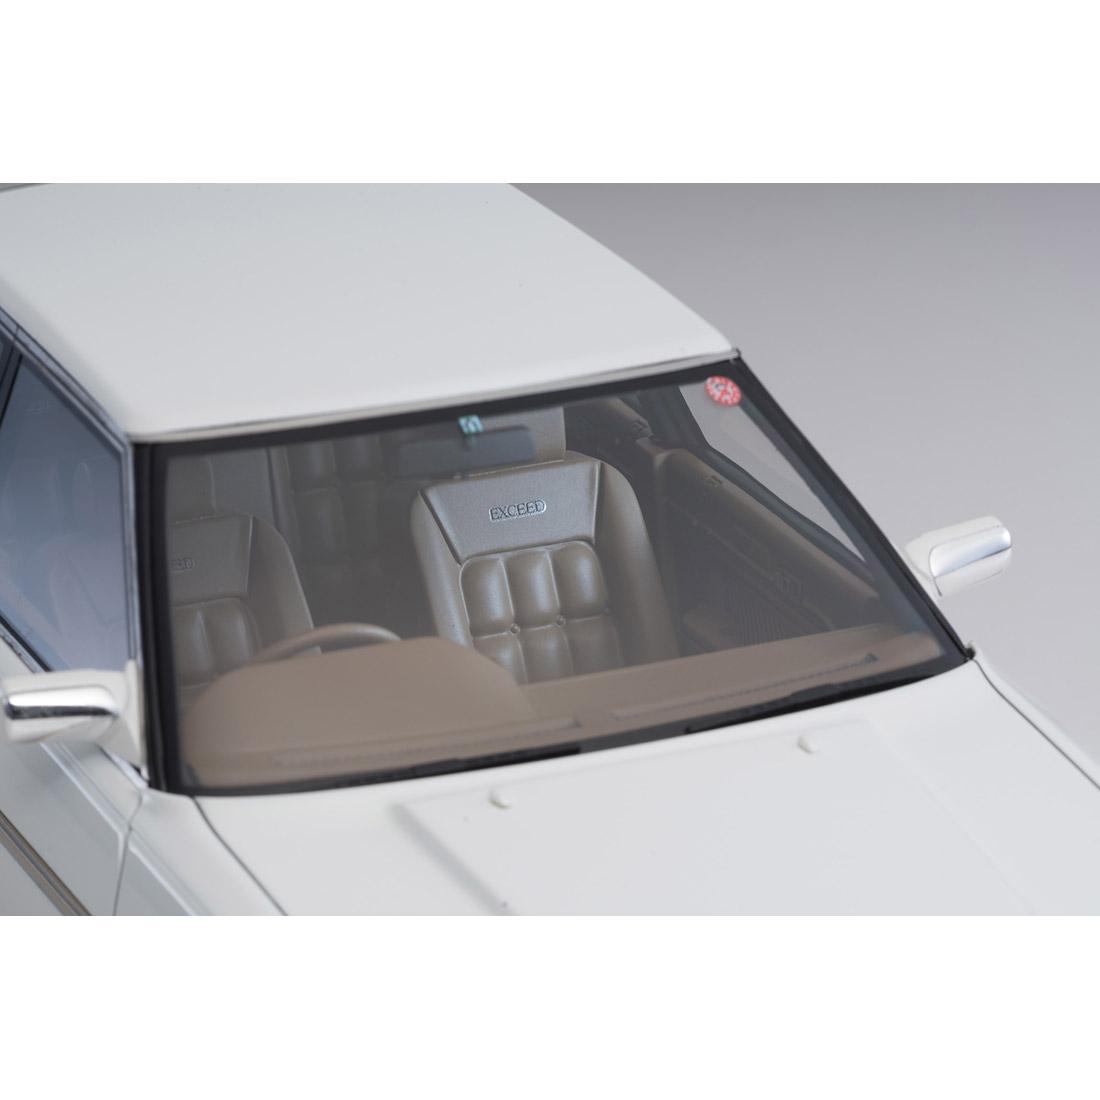 イグニッションモデル×トミーテック T-IG1809『クレスタ スーパールーセント エクシード(パールホワイト)』1/18 ミニカー-007